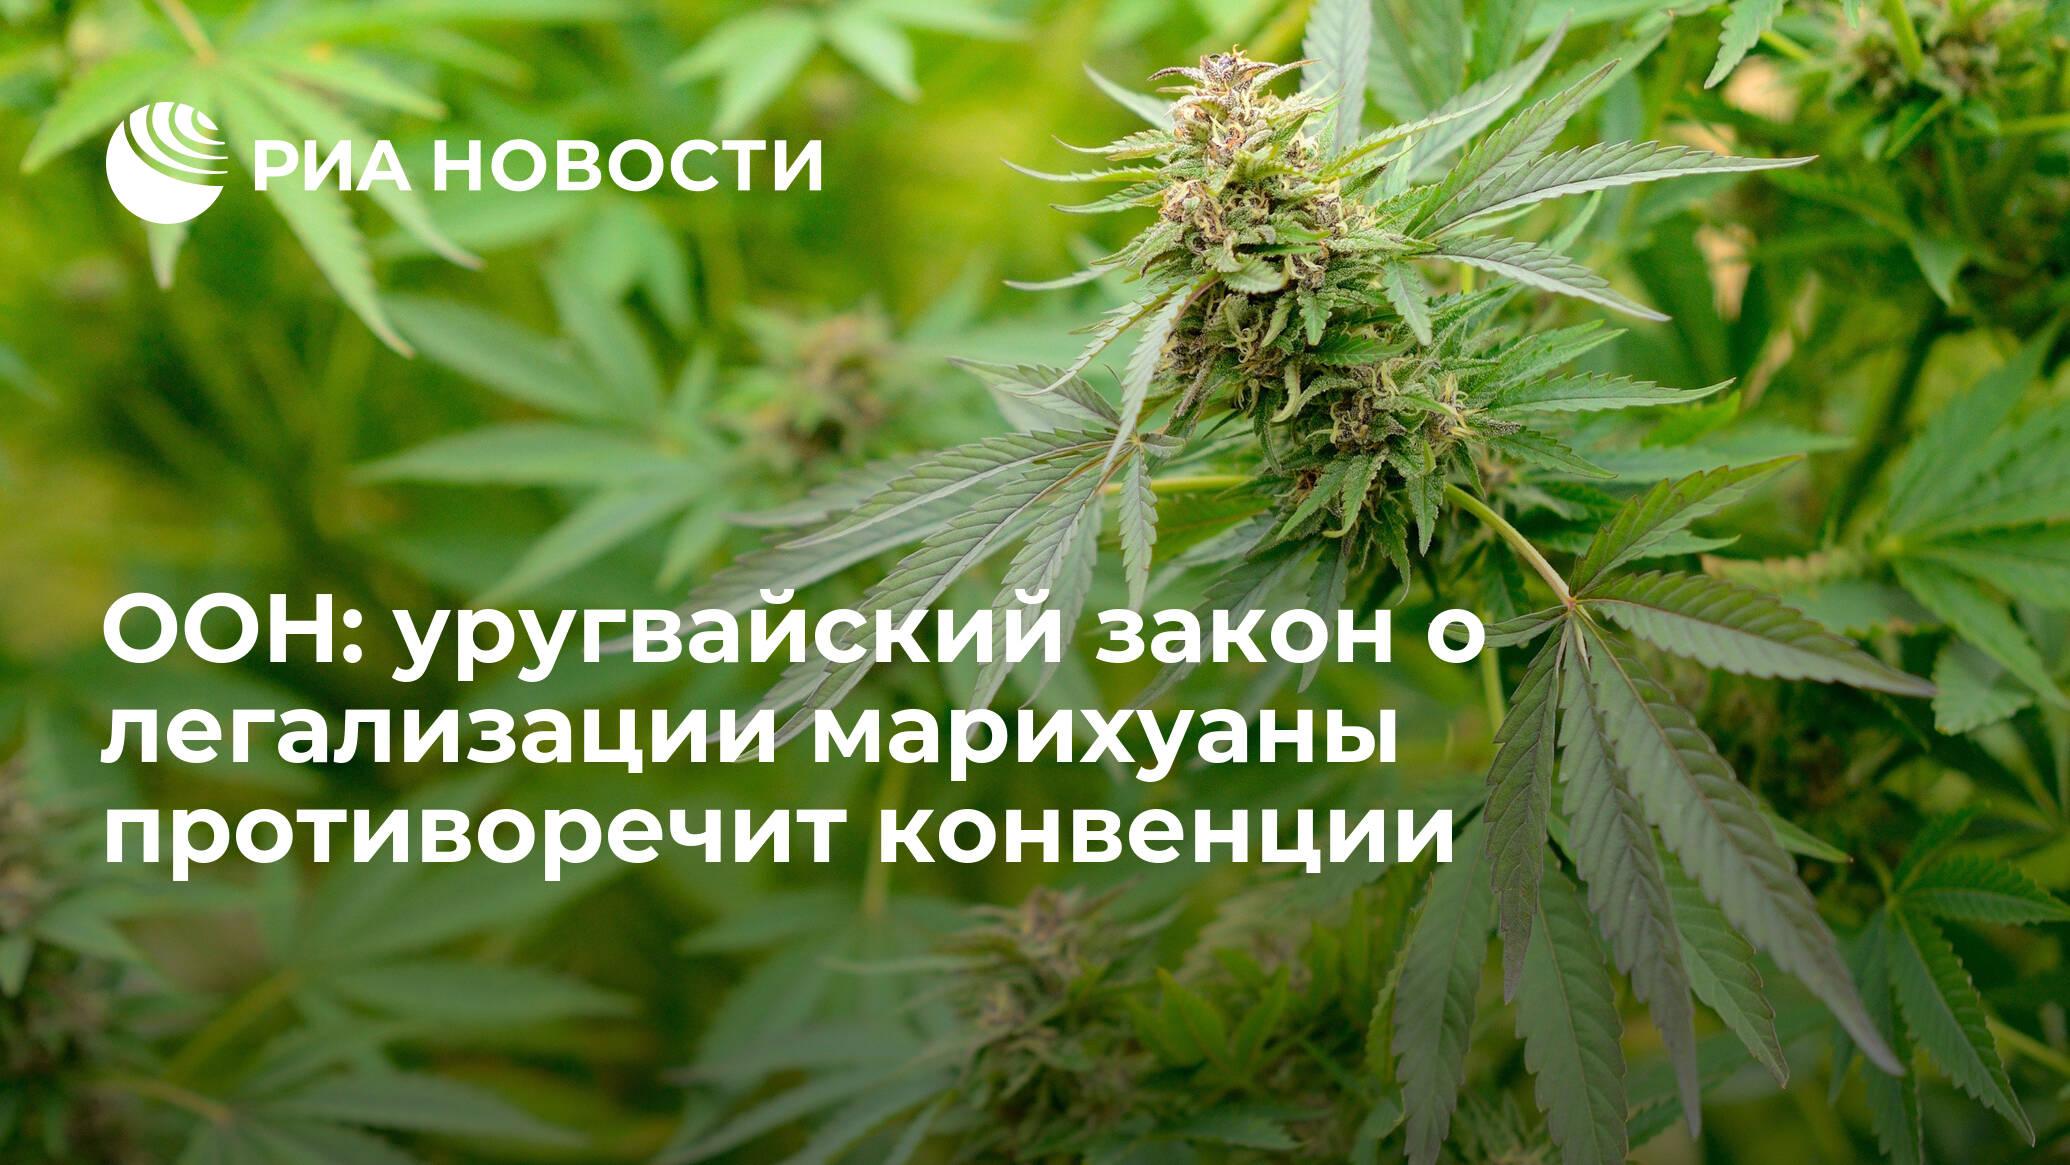 Закон о марихуане в украине 2017 как правильно вырастить марихуану дома